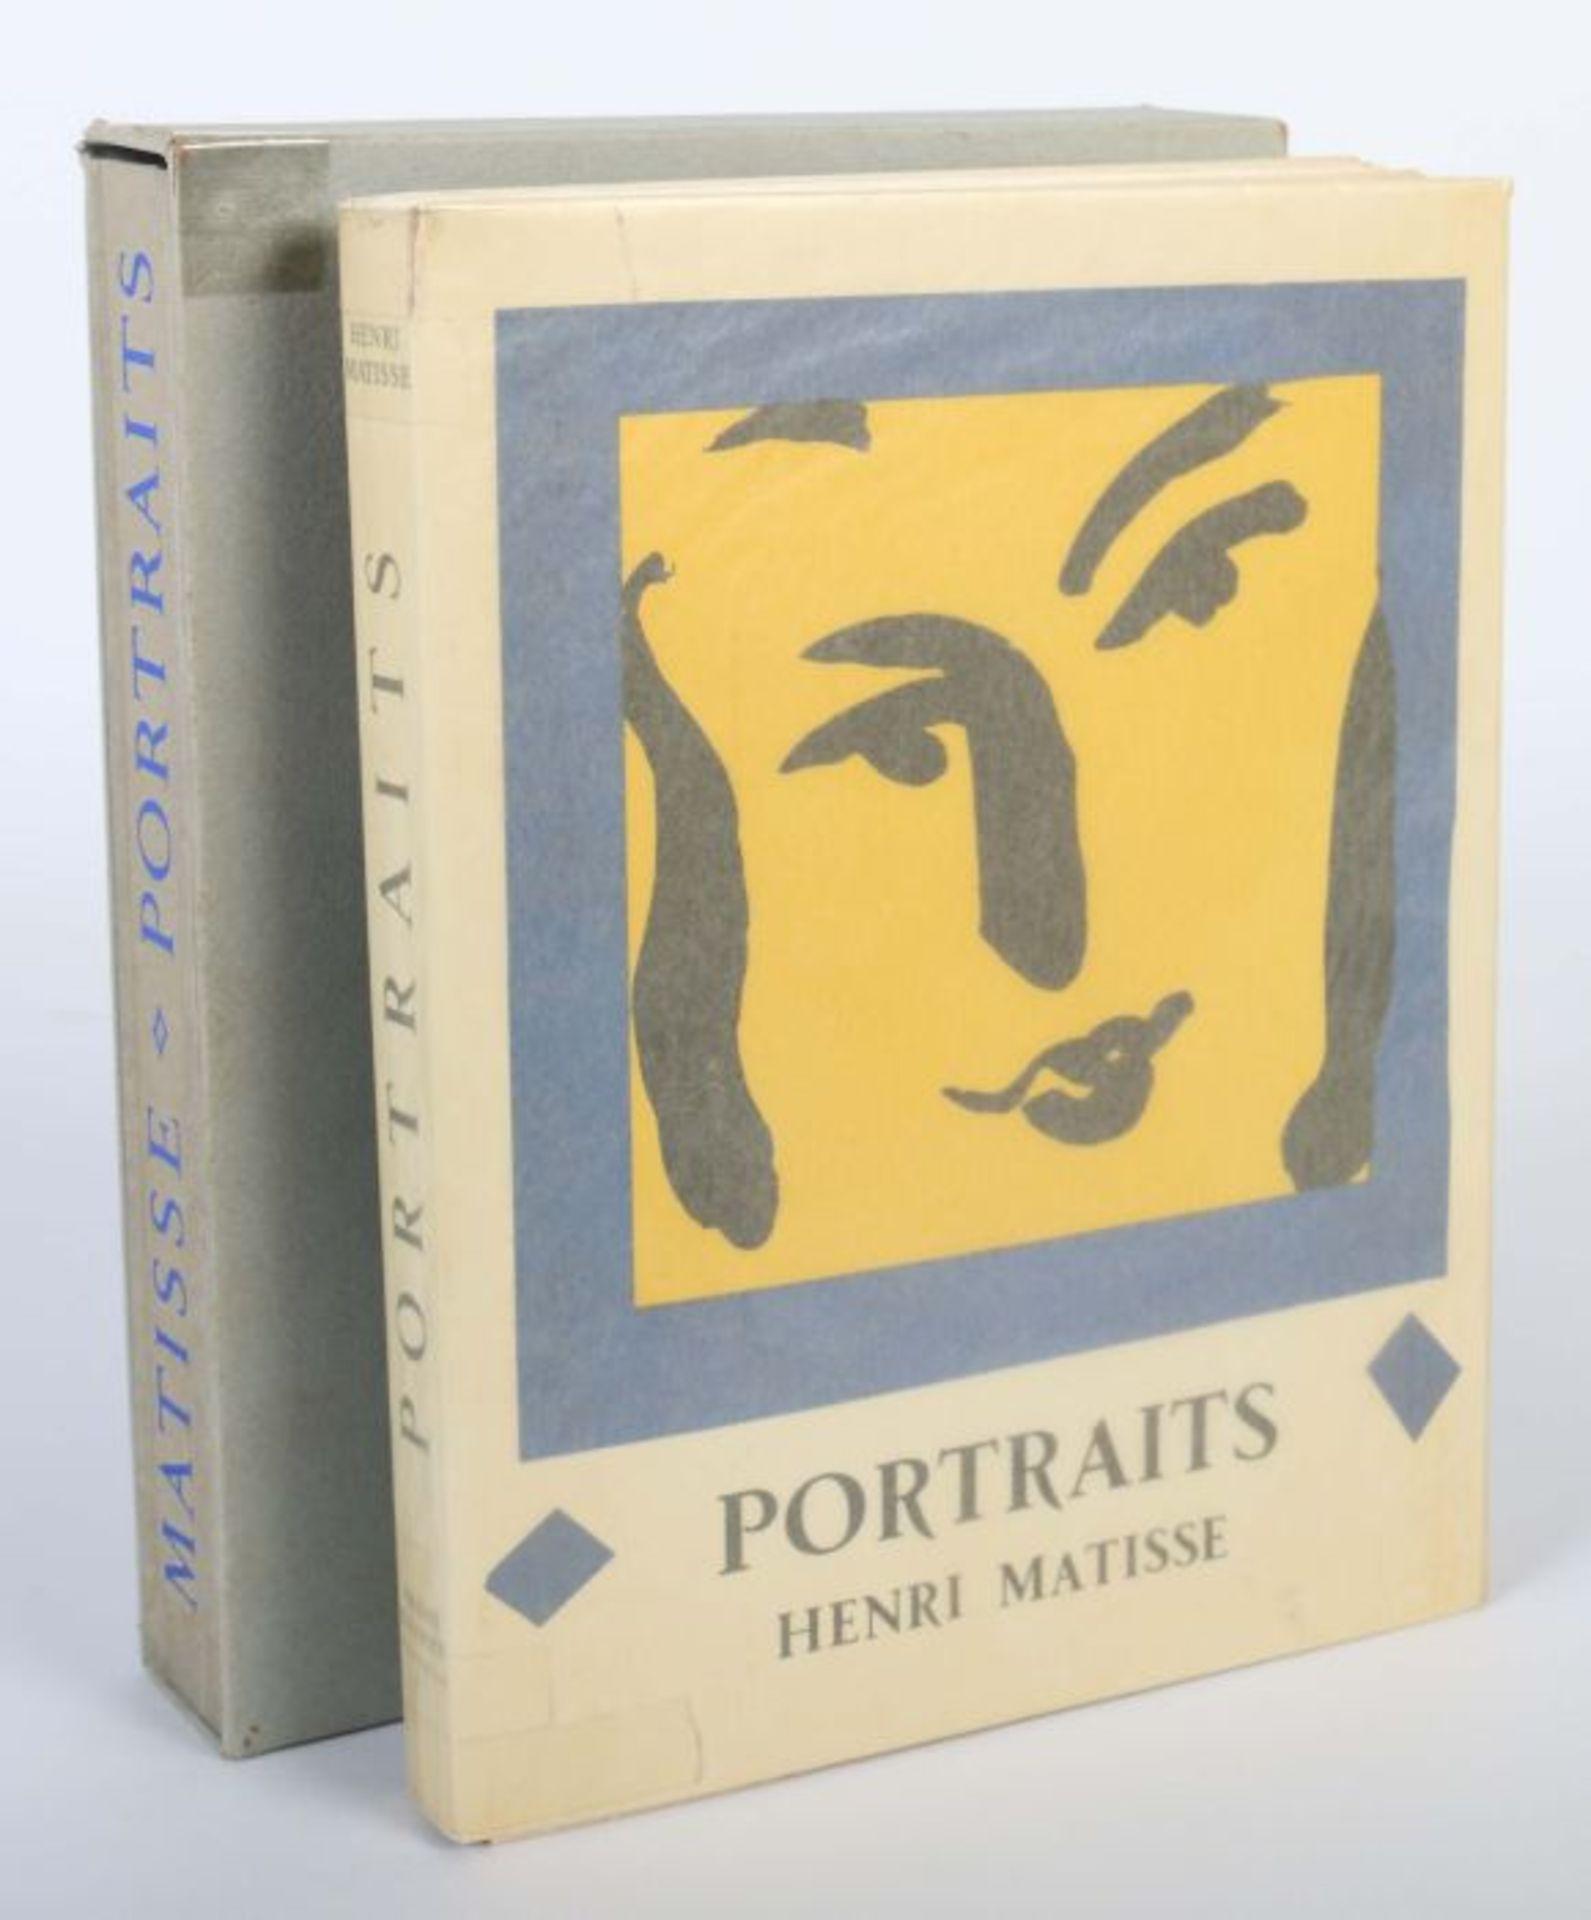 Matisse, Henri Portraits, Monte Carlo, André Sauret, 1954, Exp. 2421 von 2850 num. Exp., mit einer - Bild 3 aus 4